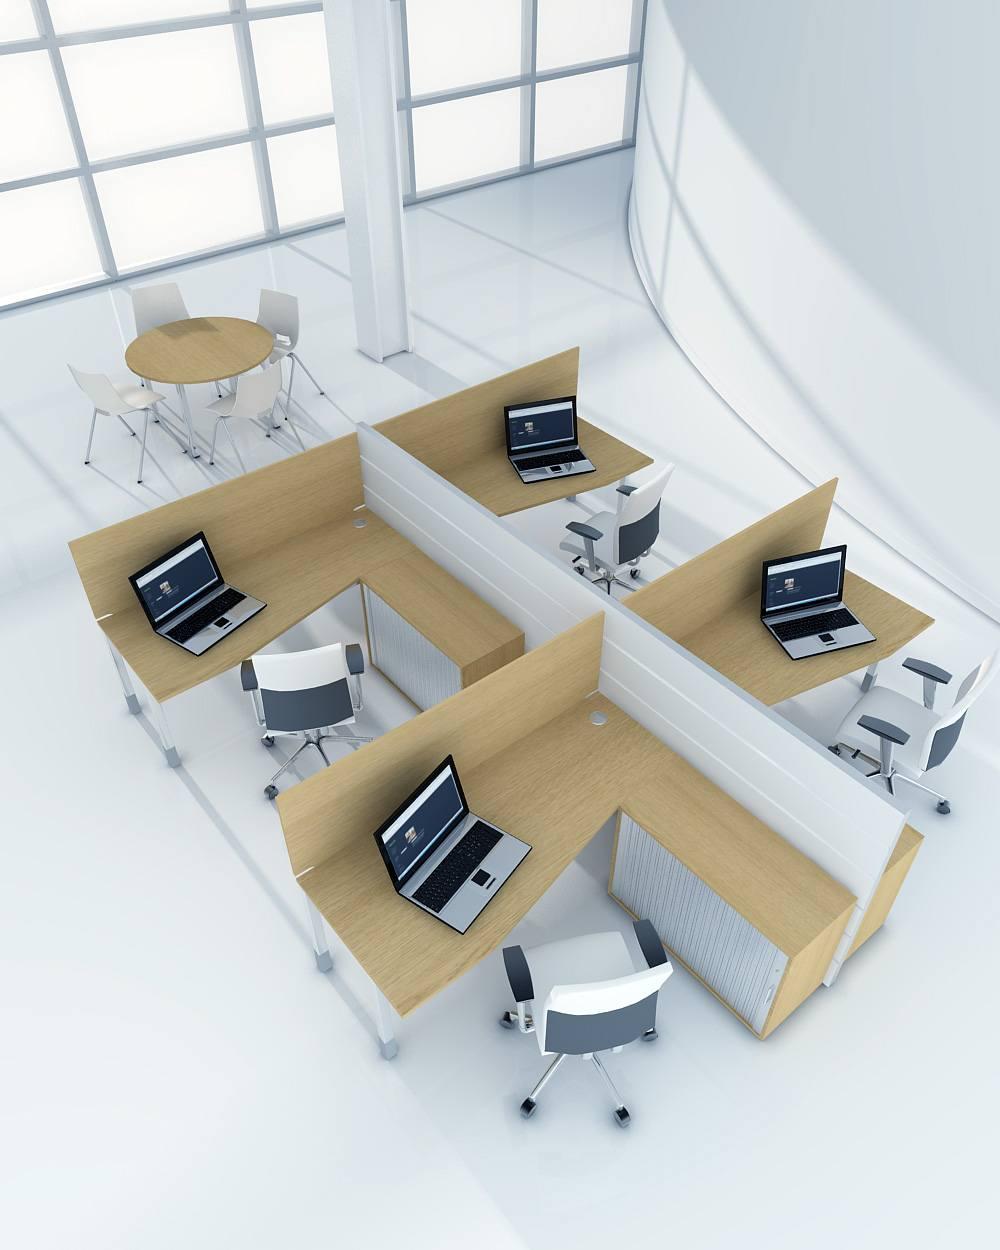 biurka narozne do biura open space